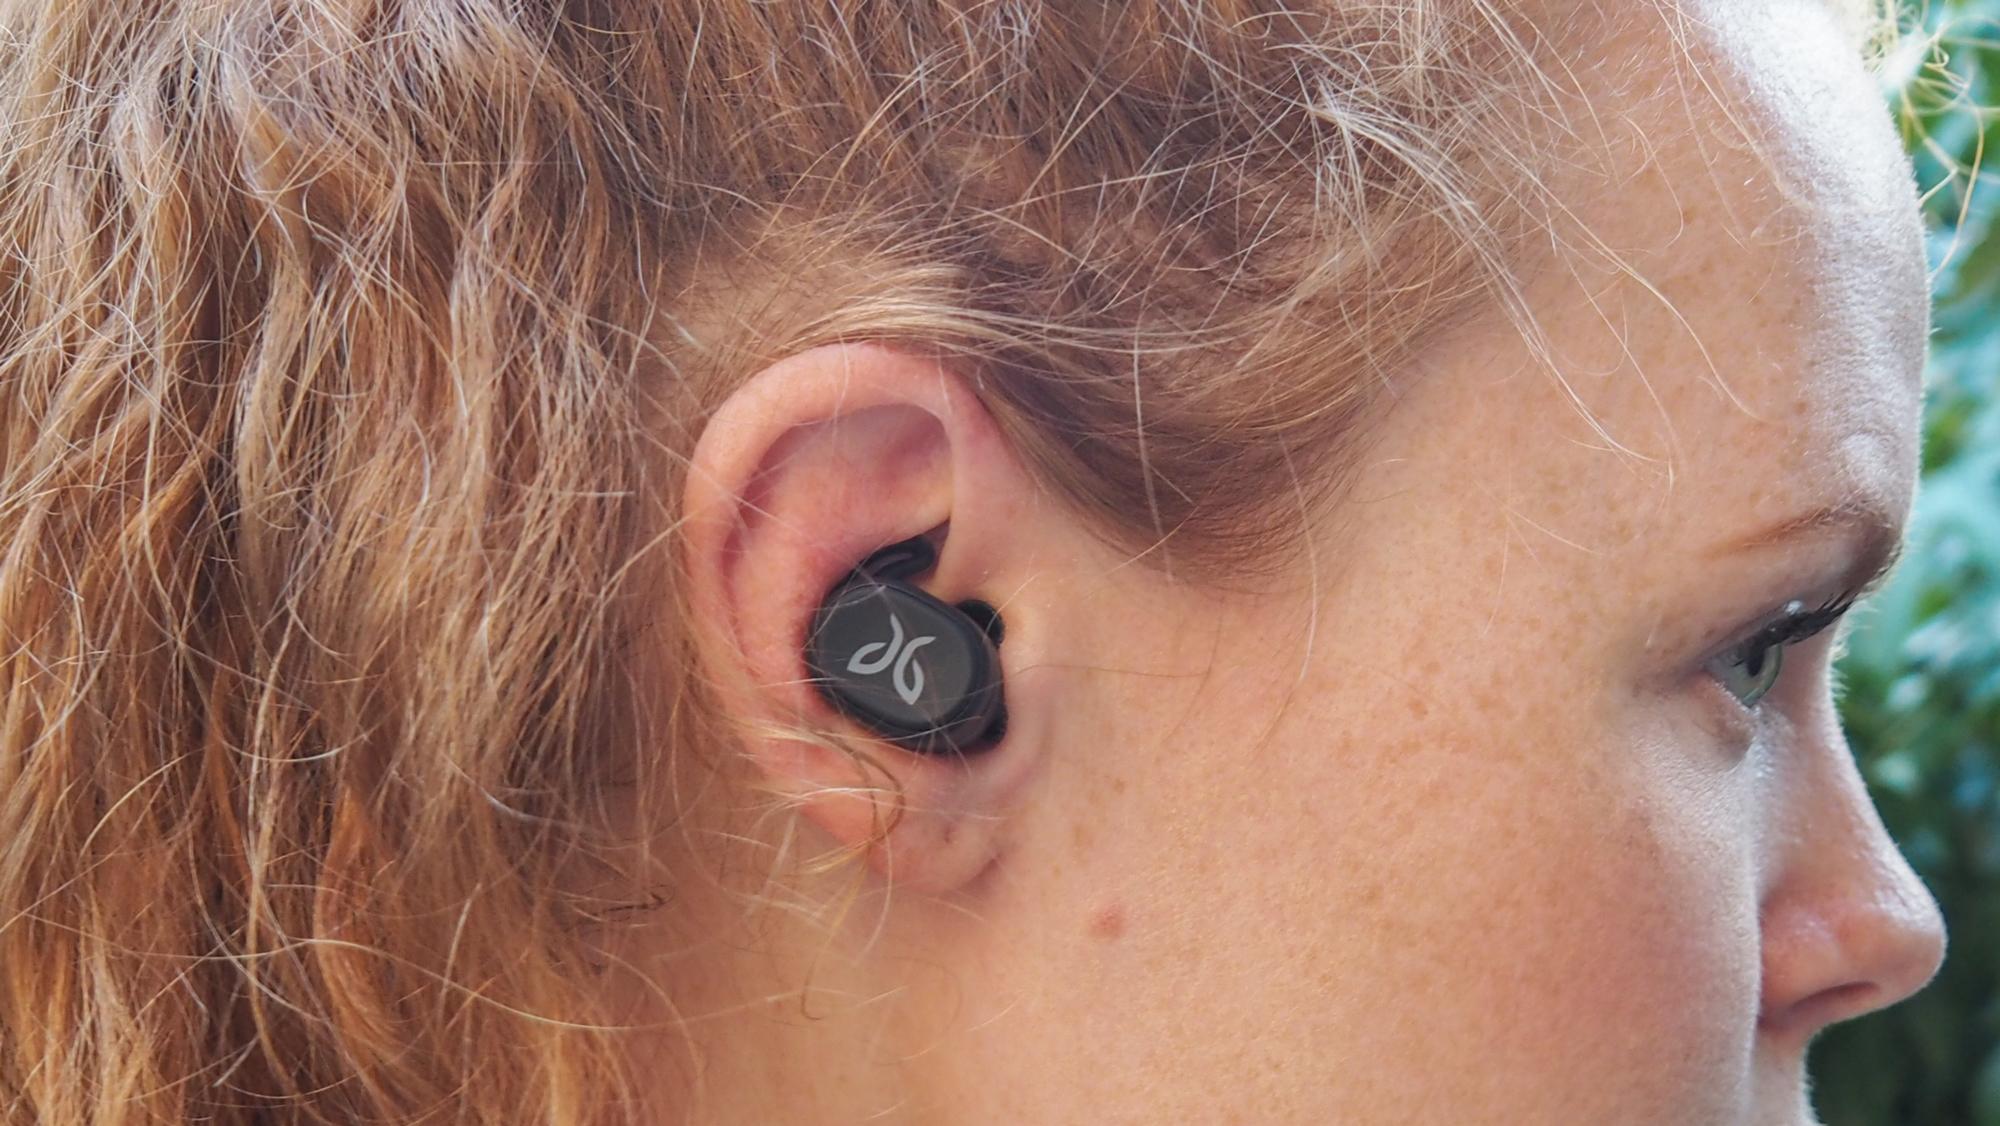 Melhores fones de ouvido esportivos: Jaybird Vista